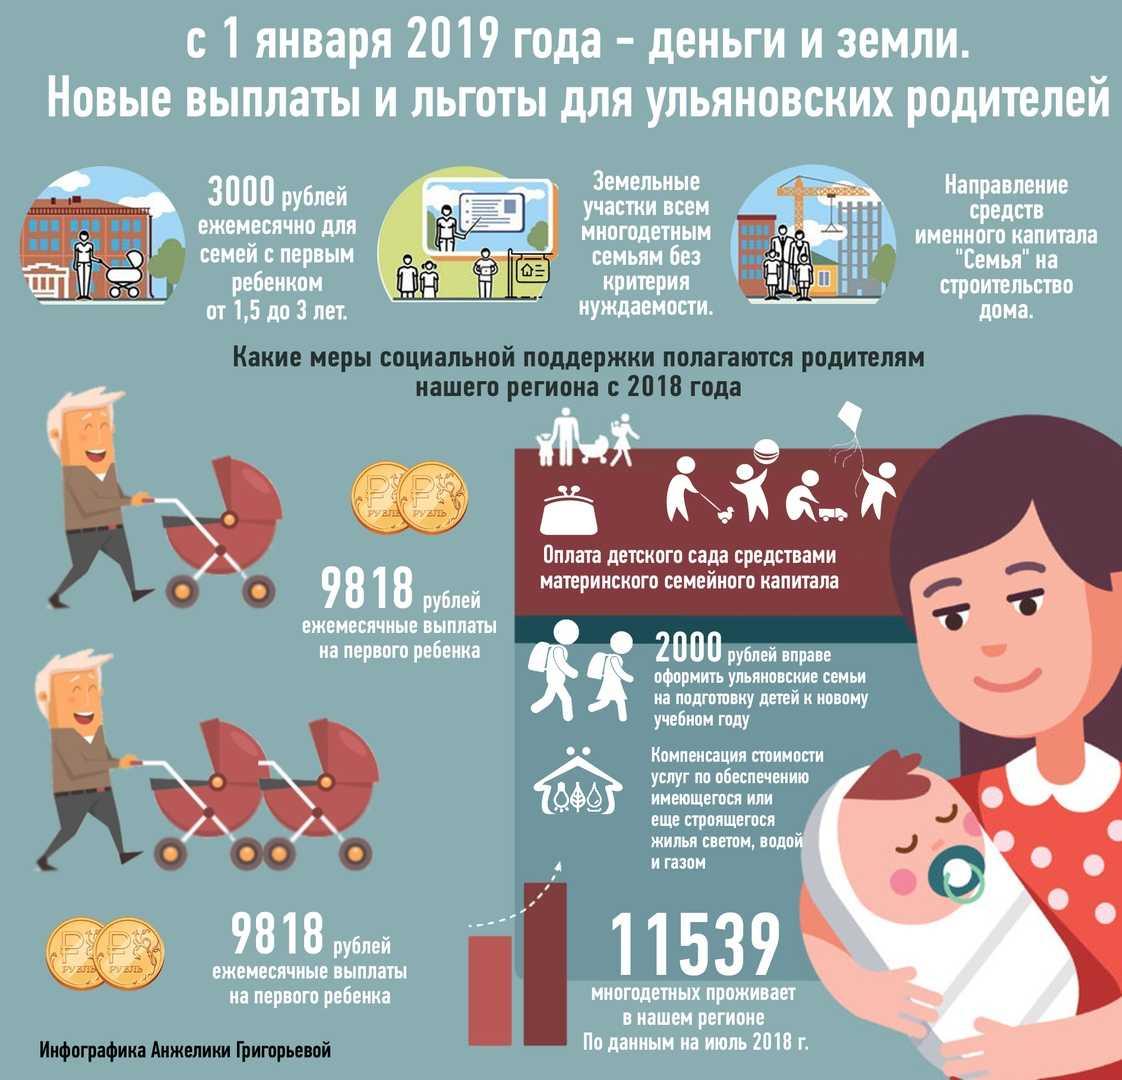 Льготы малоимущим семьям в 2020 году: какие положены и как их получить